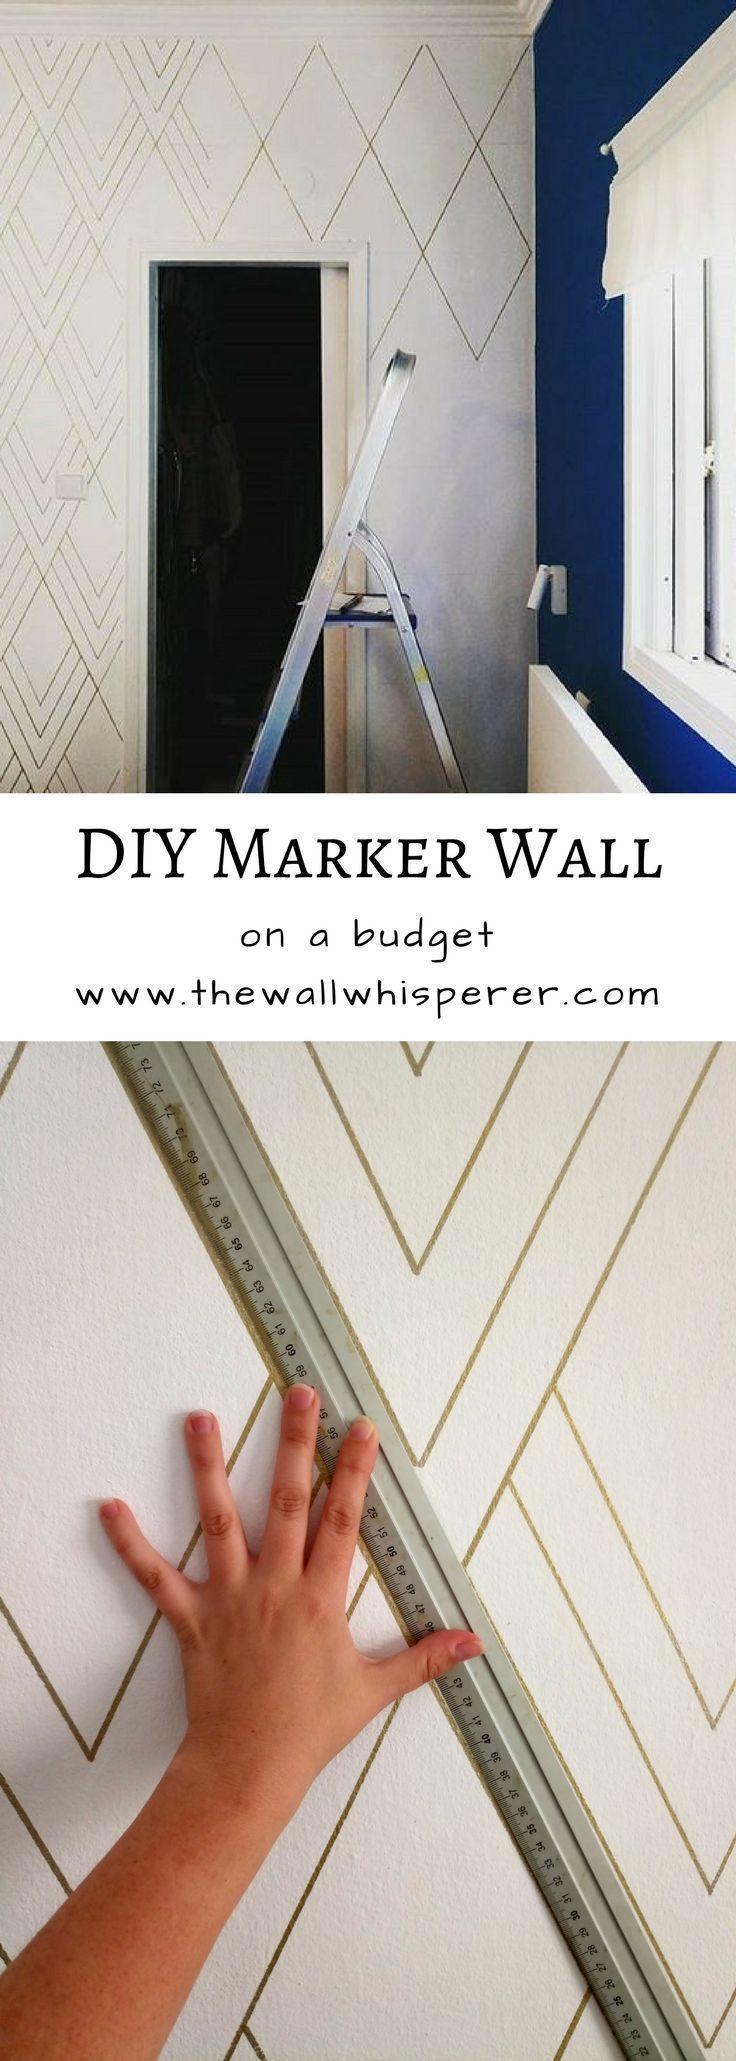 Diy Project Tutorial How Do I Create A Beautiful Marker Mural With A Diy Project Tutorial How Do In 2020 Diy Projects Tutorials Diy Home Improvement Diy Wall